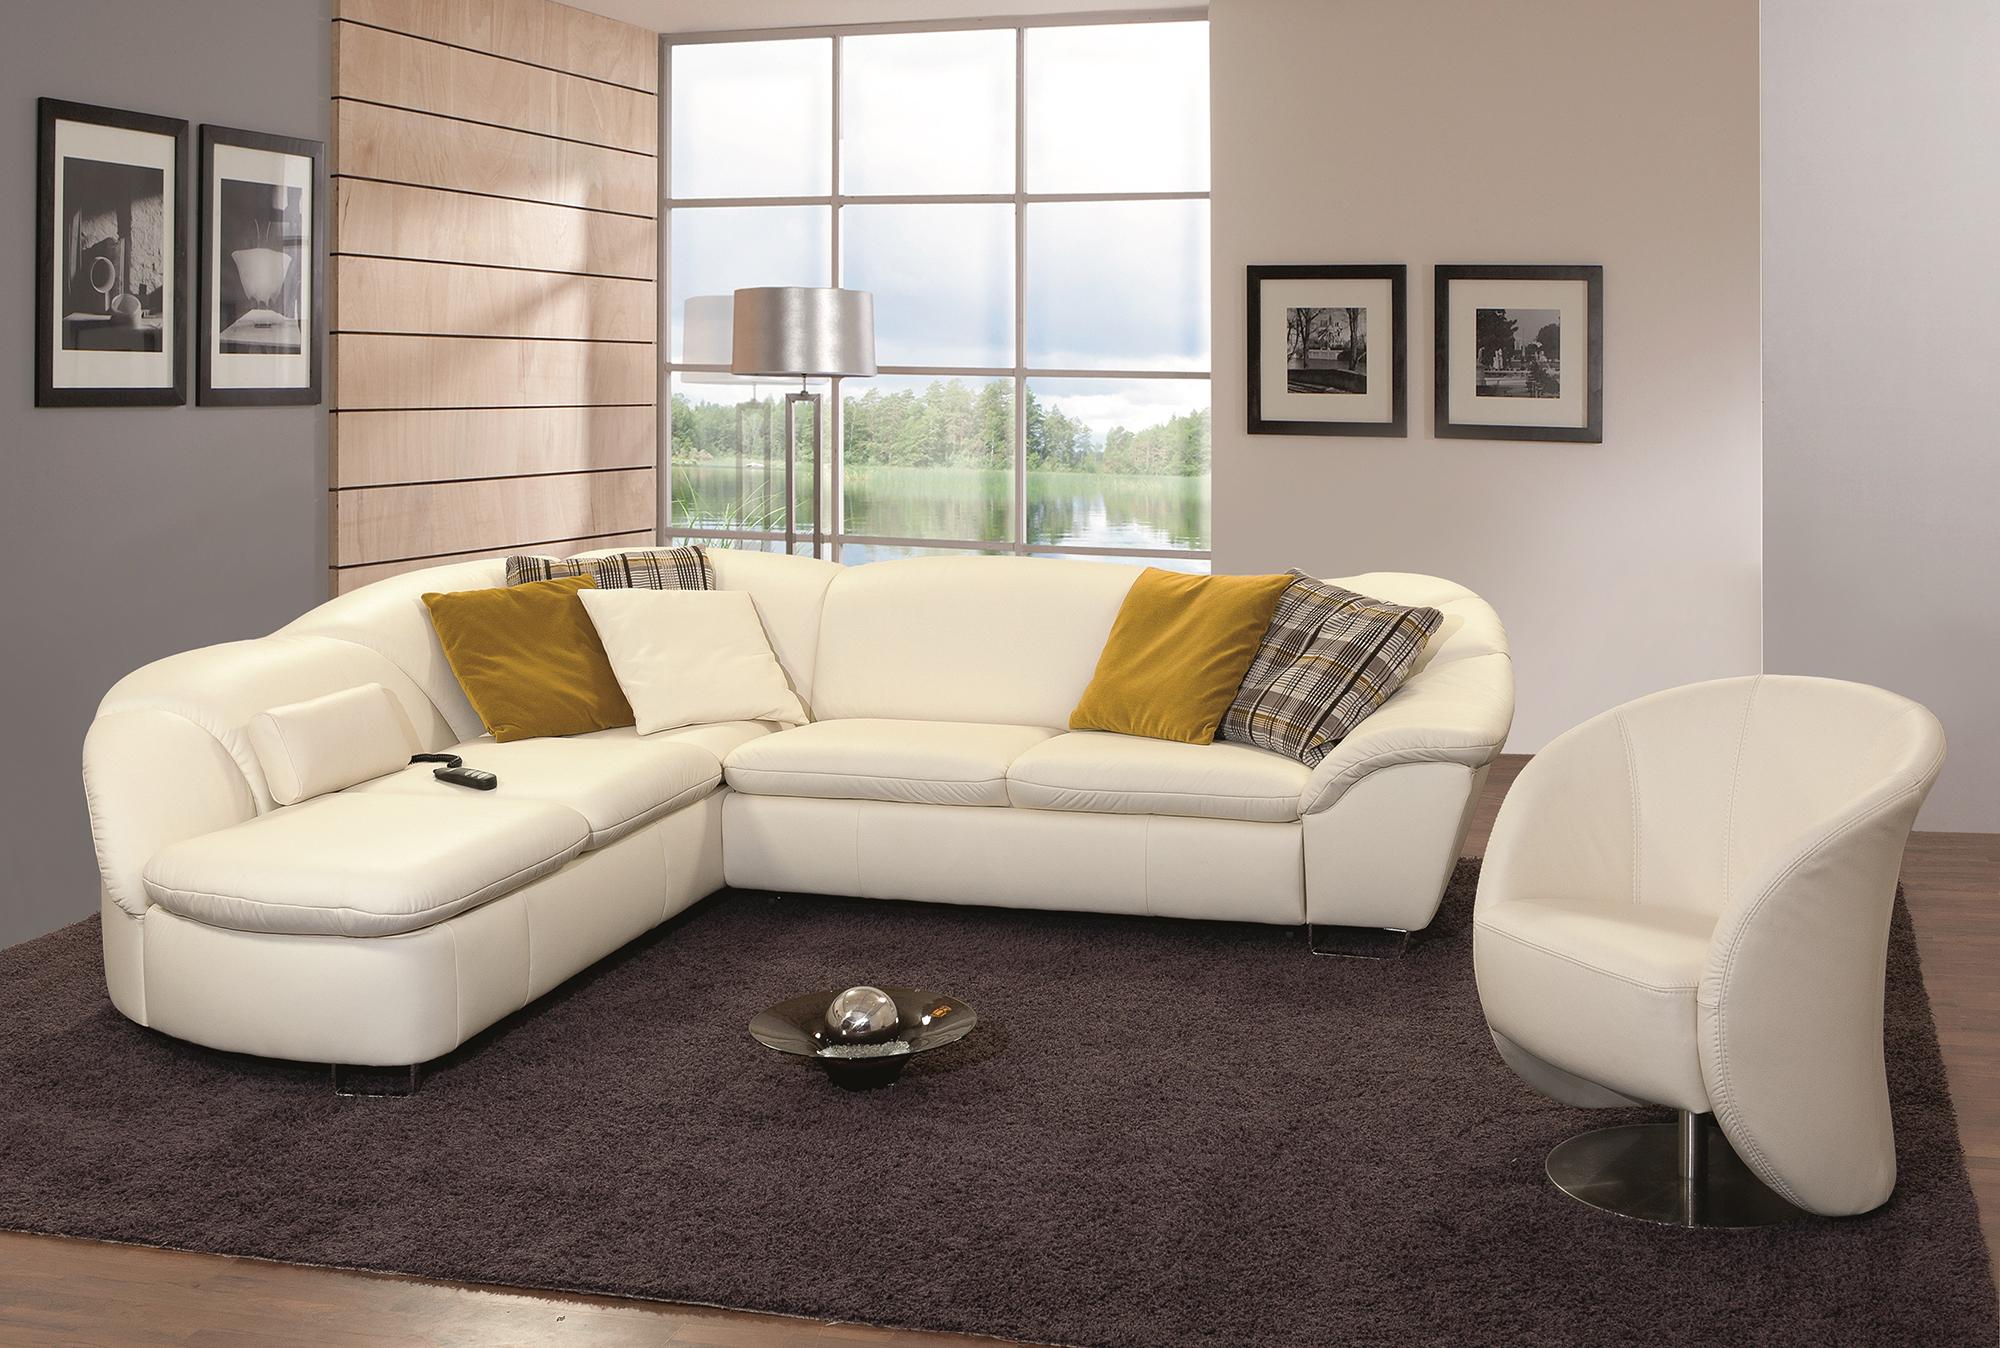 Белый кожаный диван и кресло в дизайне интерьера